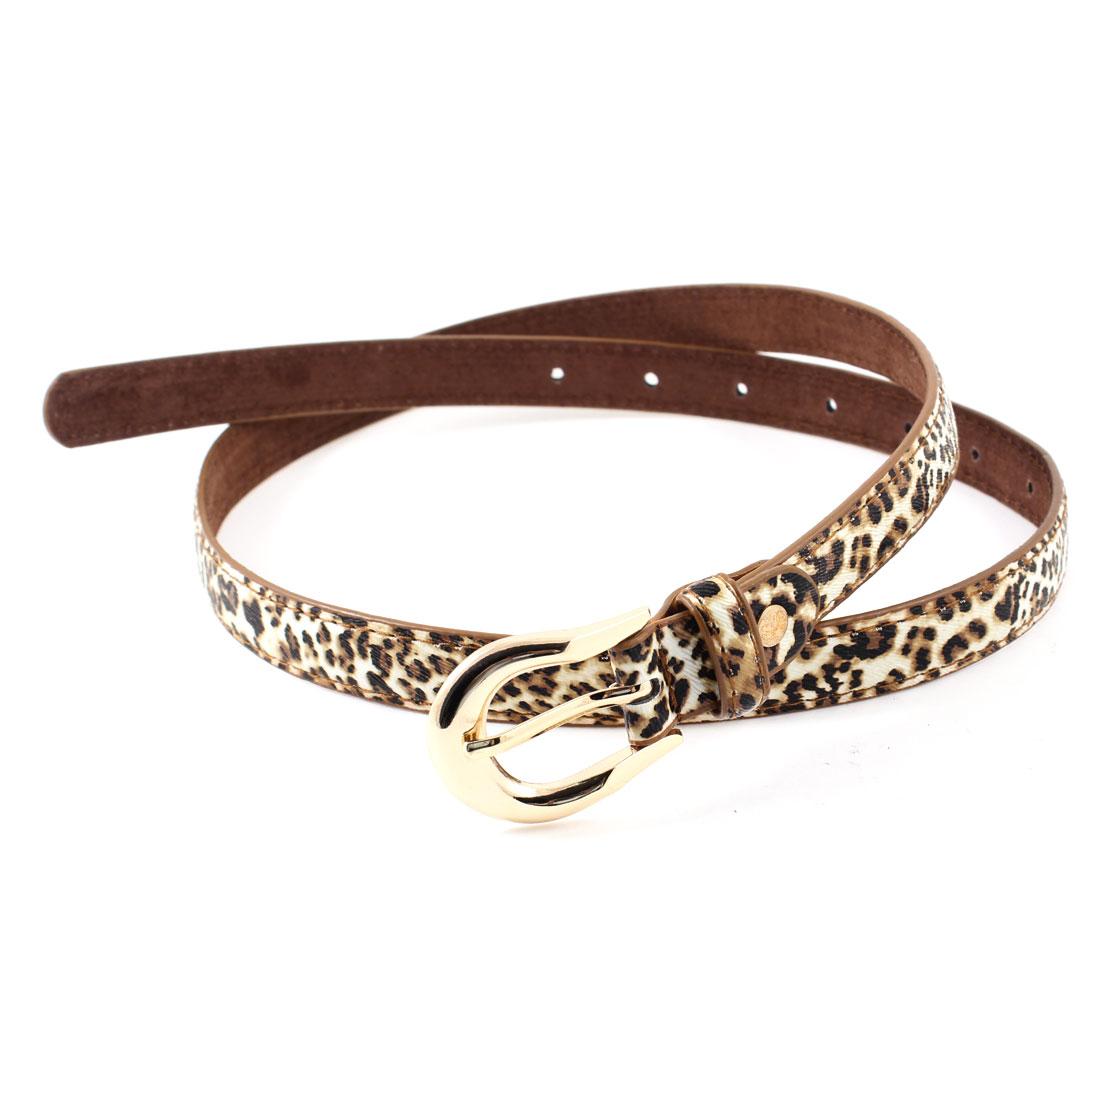 White Brown Leopard Pattern Single Pin Buckle Adjustable Waist Belt for Women